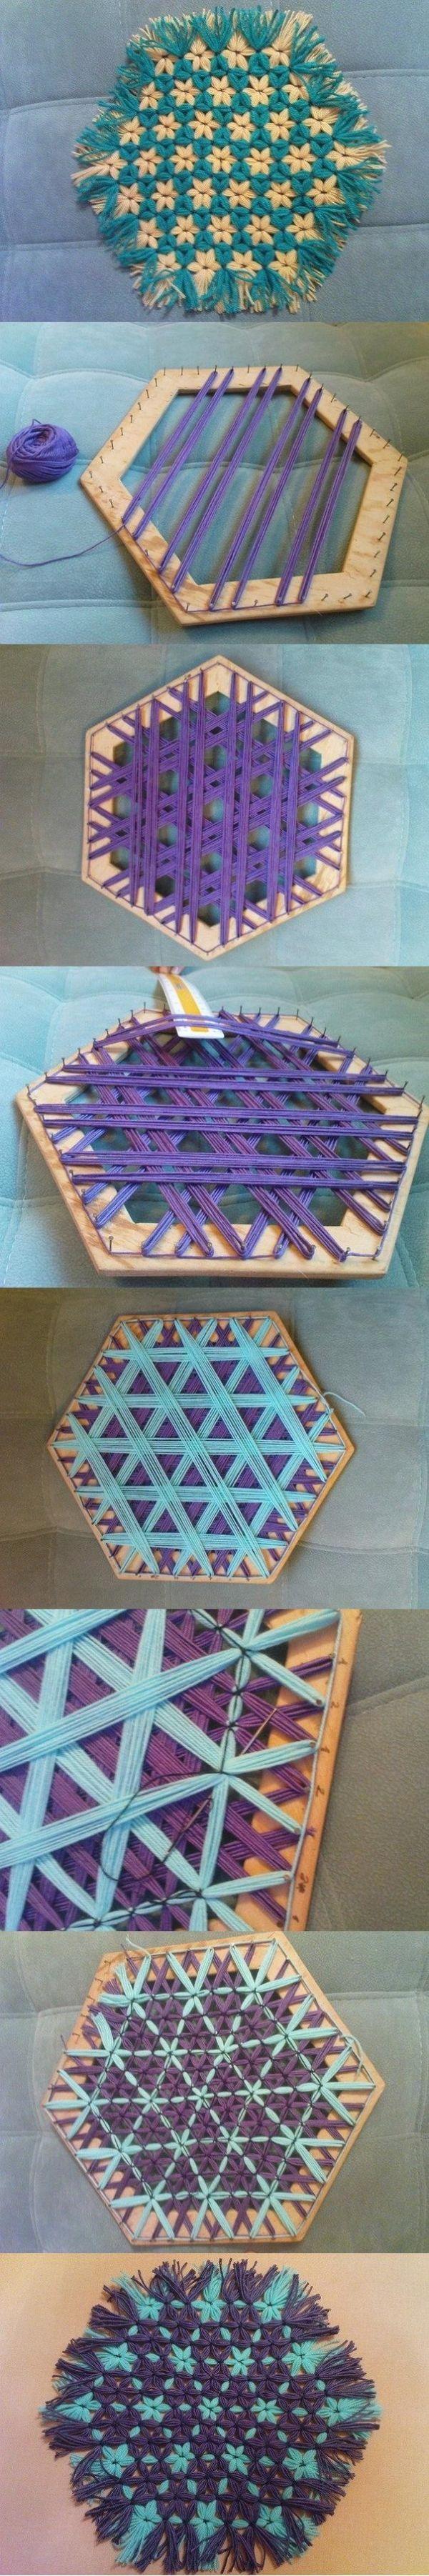 DIY Woven Hexagonal Coaster